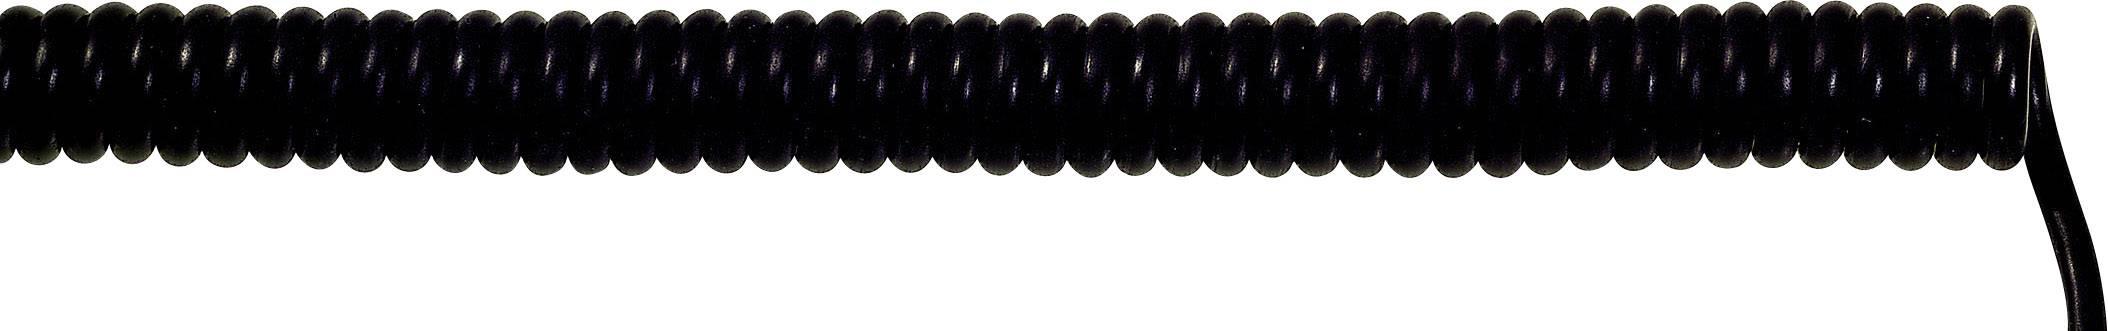 Špirálový kábel 73220226 UNITRONIC® SPIRAL 7 x 0.14 mm², 200 mm / 800 mm, čierna